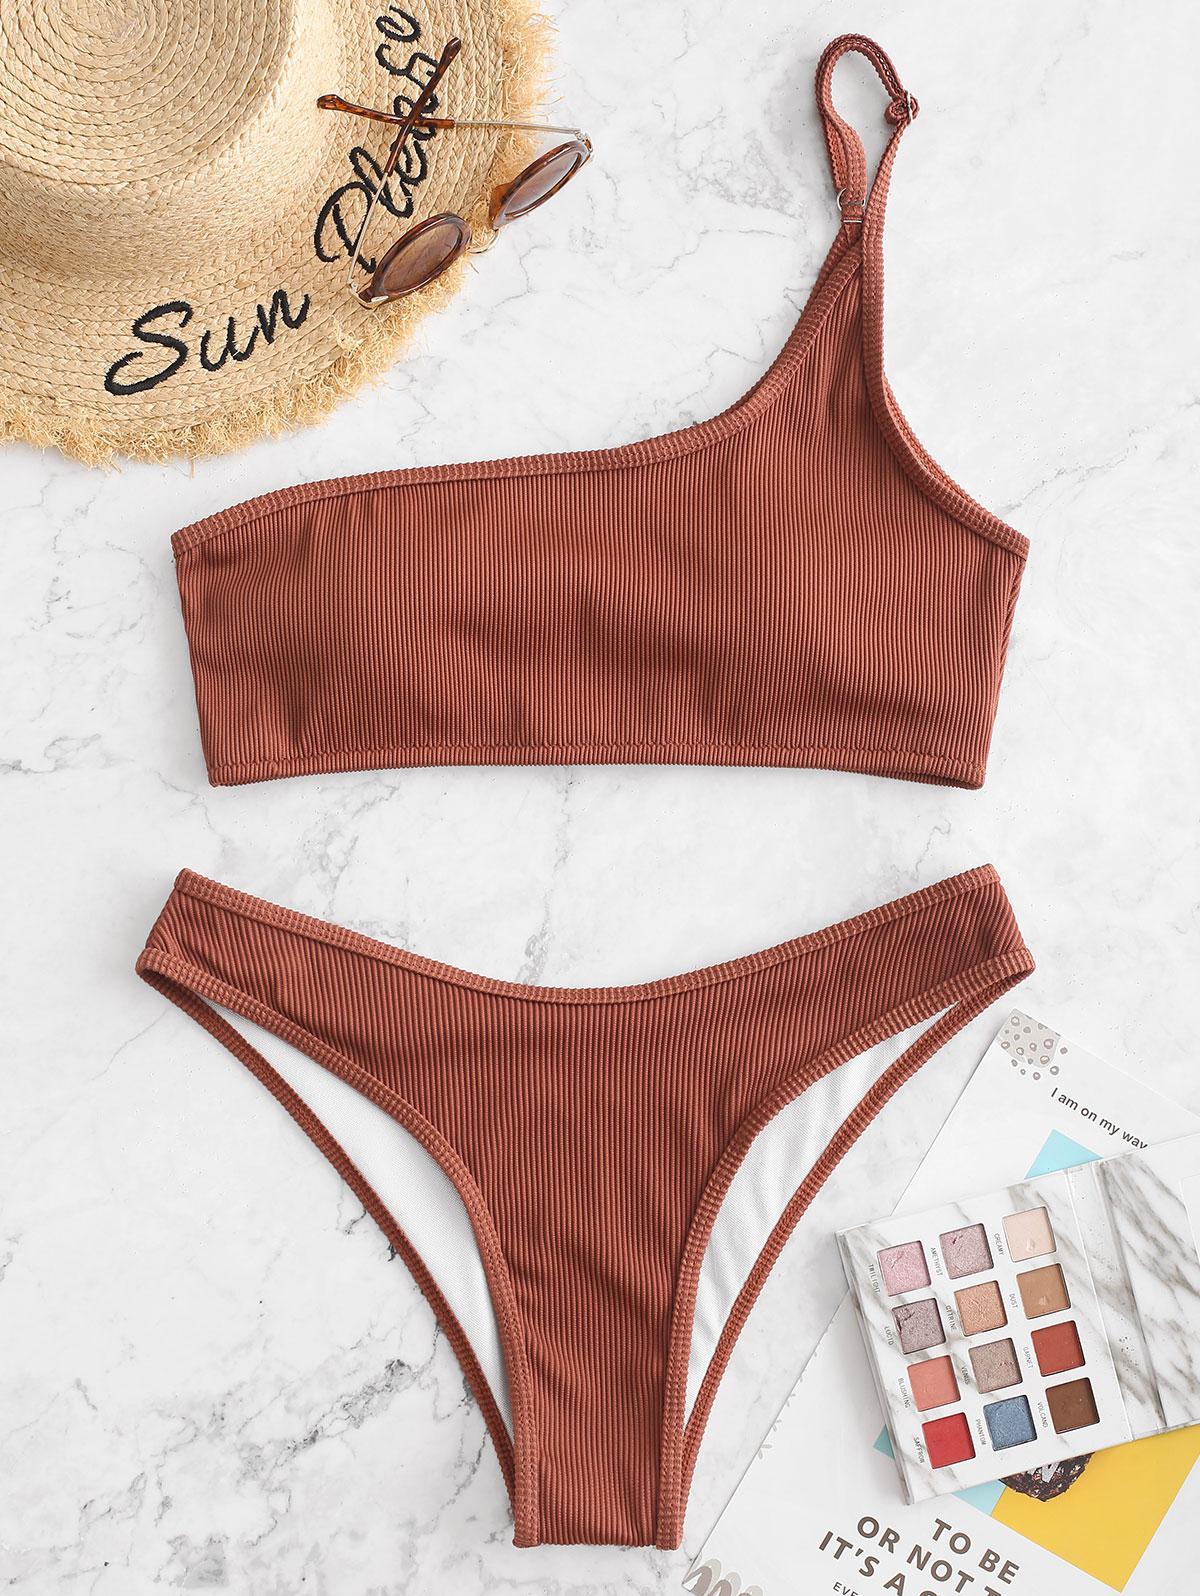 ZAFUL Testurizzato colletto a Costine per Una Spalla Bikini Costume da bagno